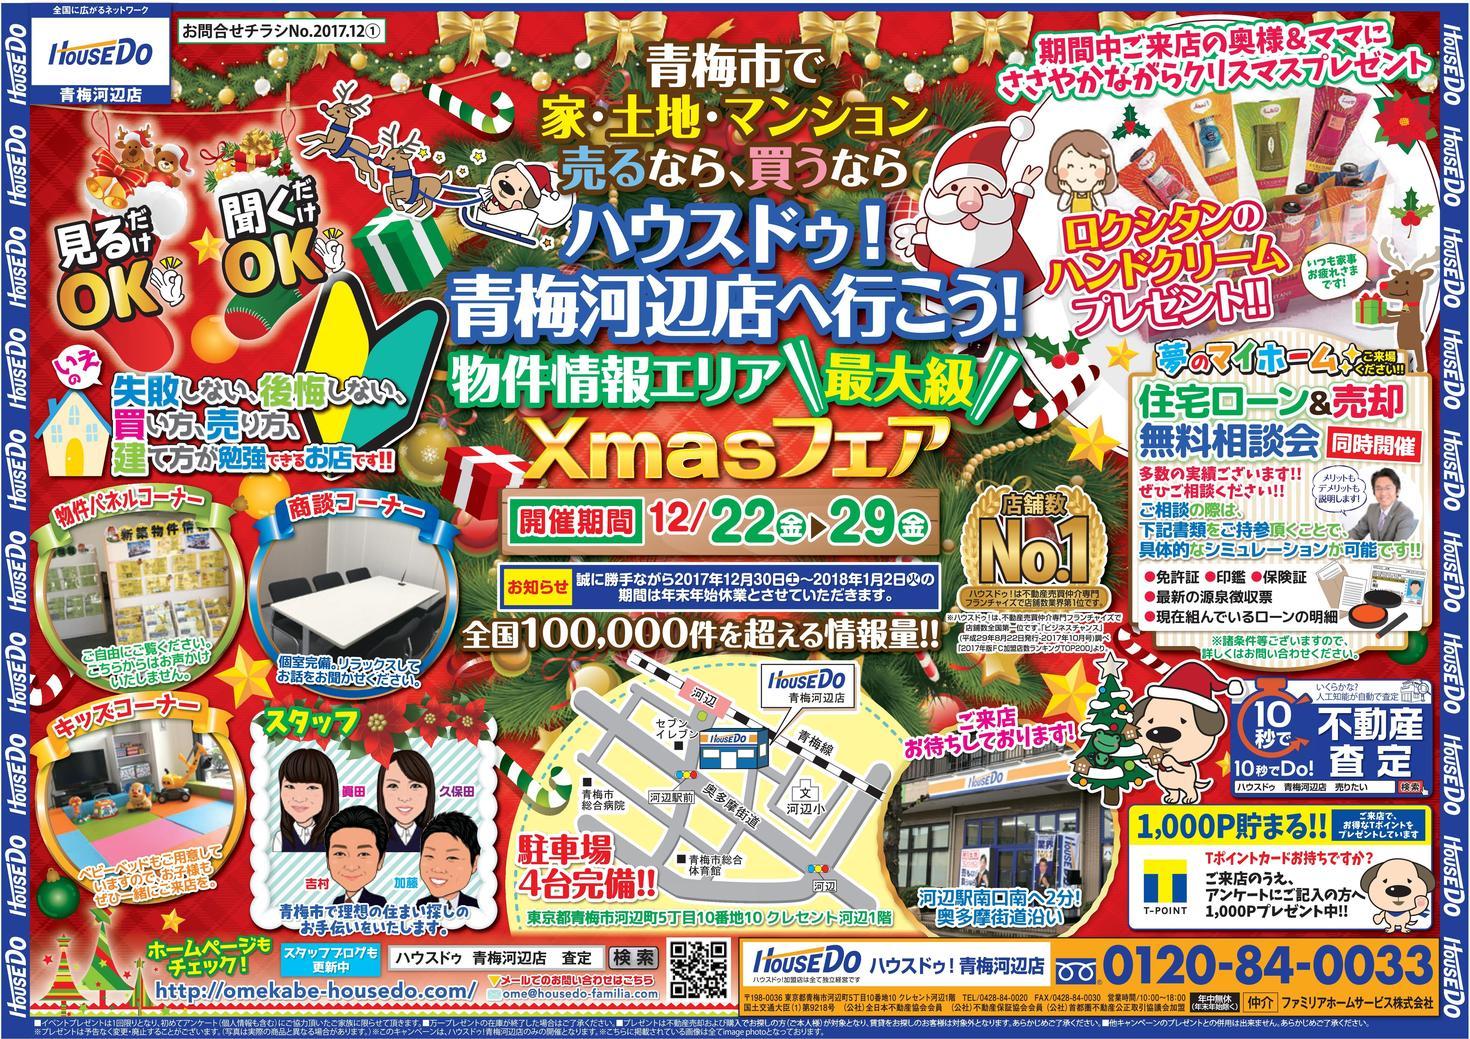 ハウスドゥ!青梅河辺店クリスマスフェア♪♪12/22(金)~12/29(金)